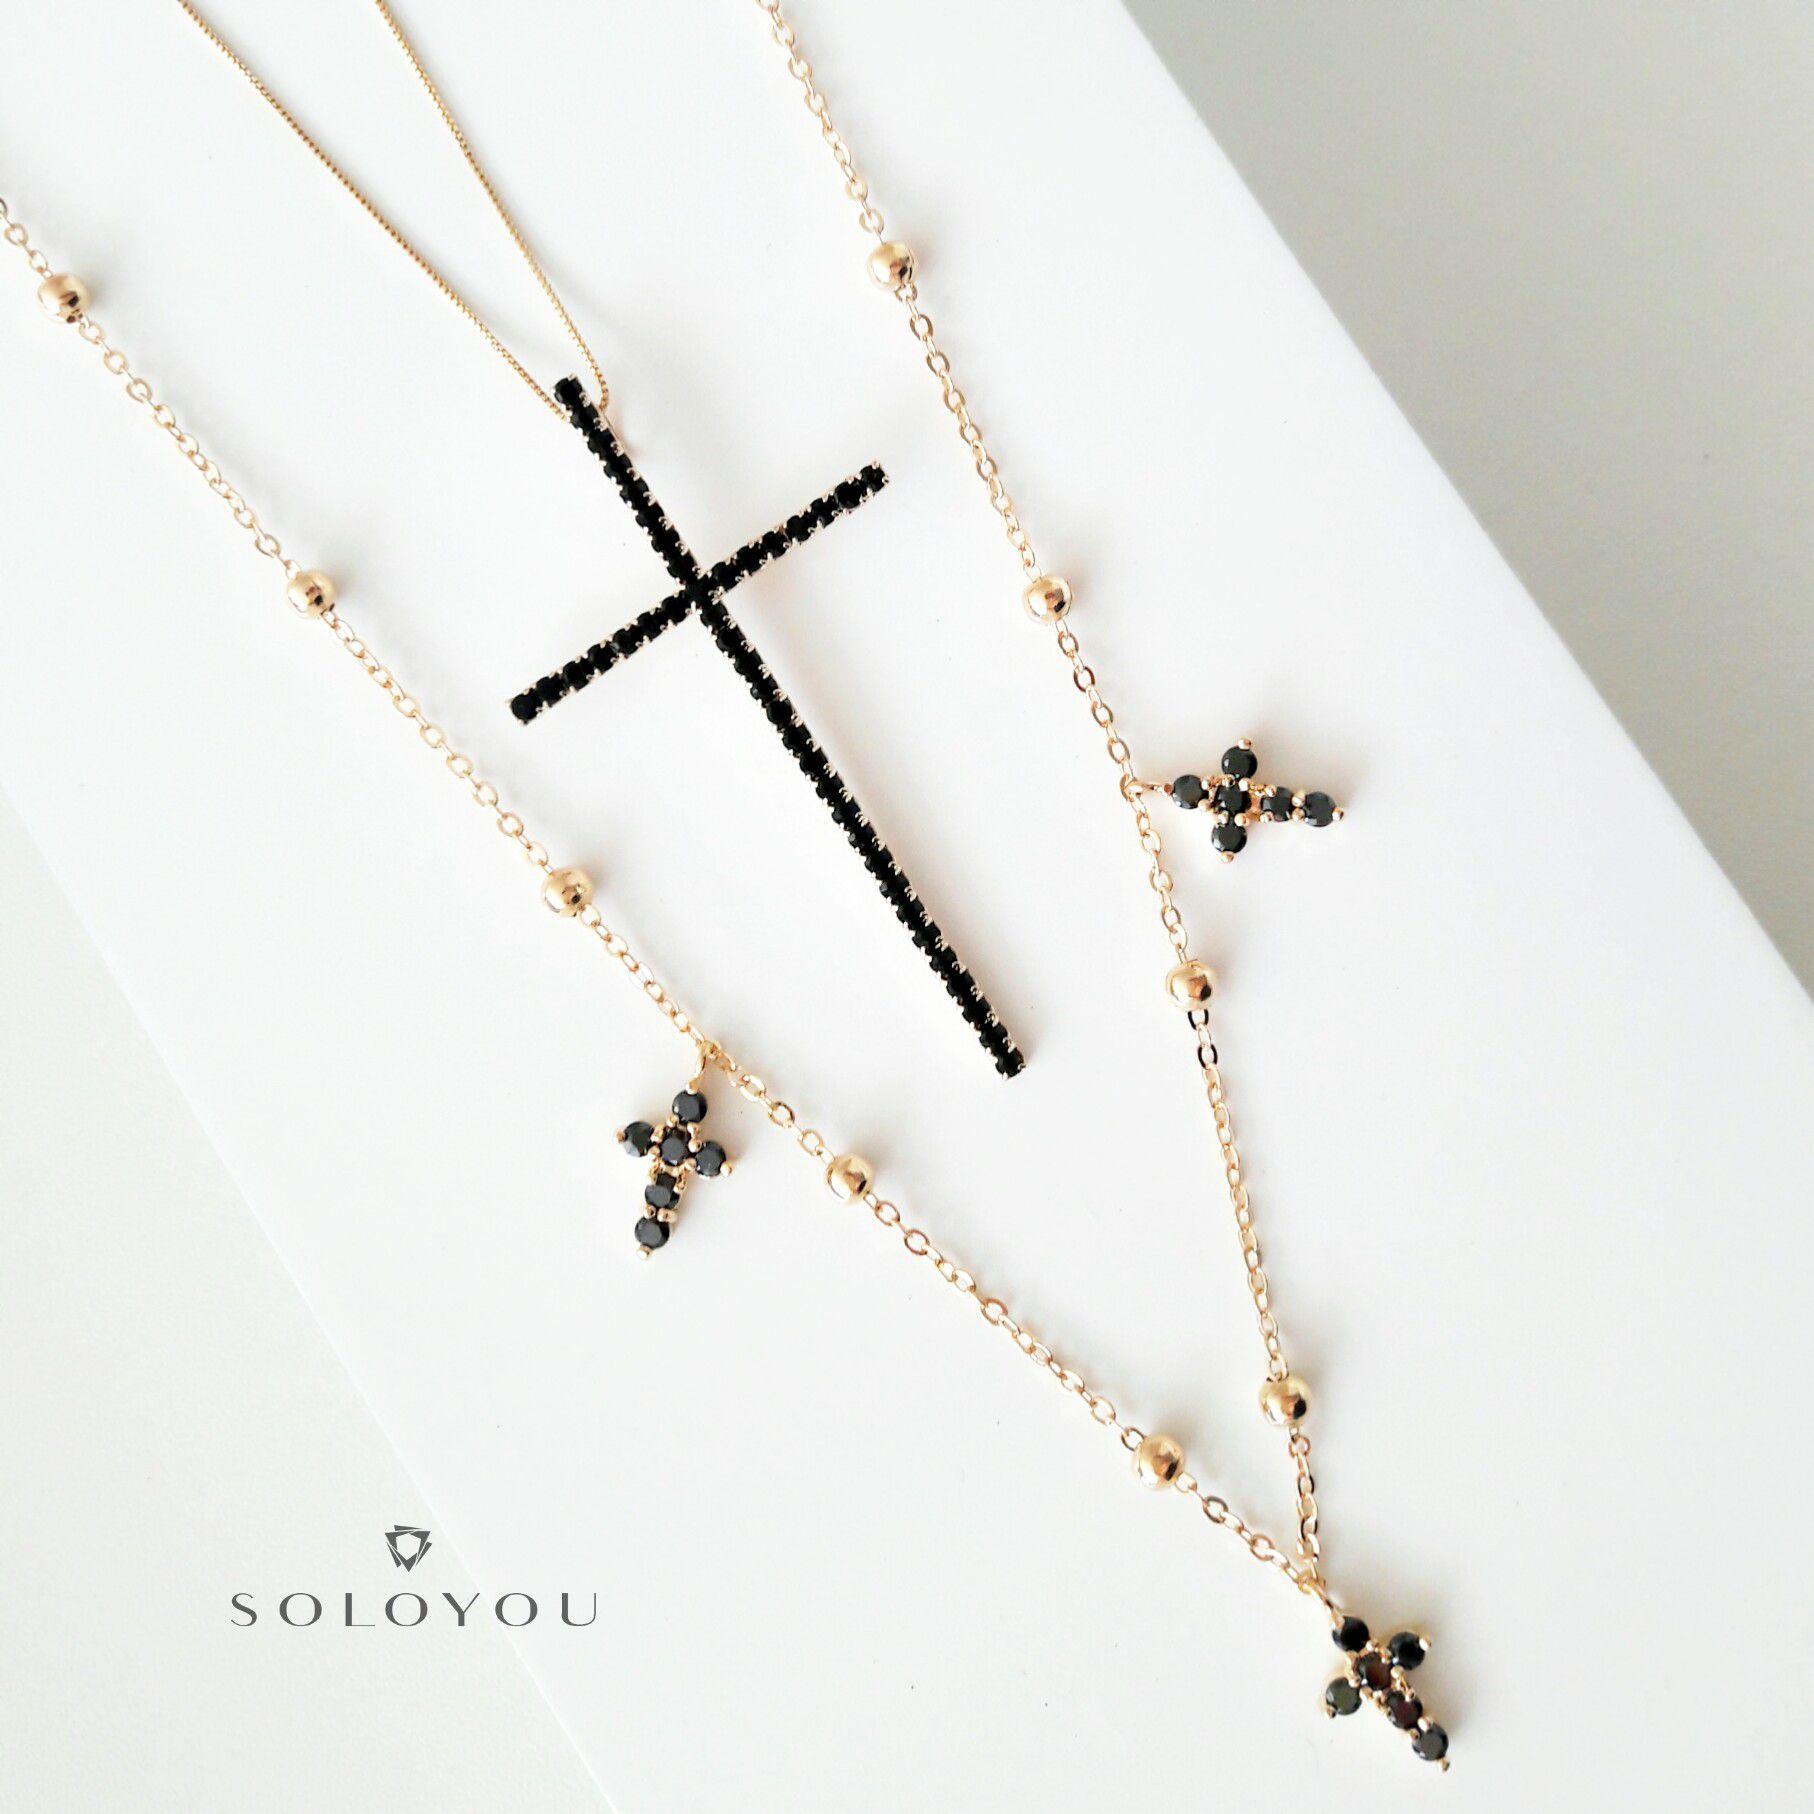 Colar Crucifixo Banhado Ouro Celebridades Grande com Zircônia Preta  - Soloyou